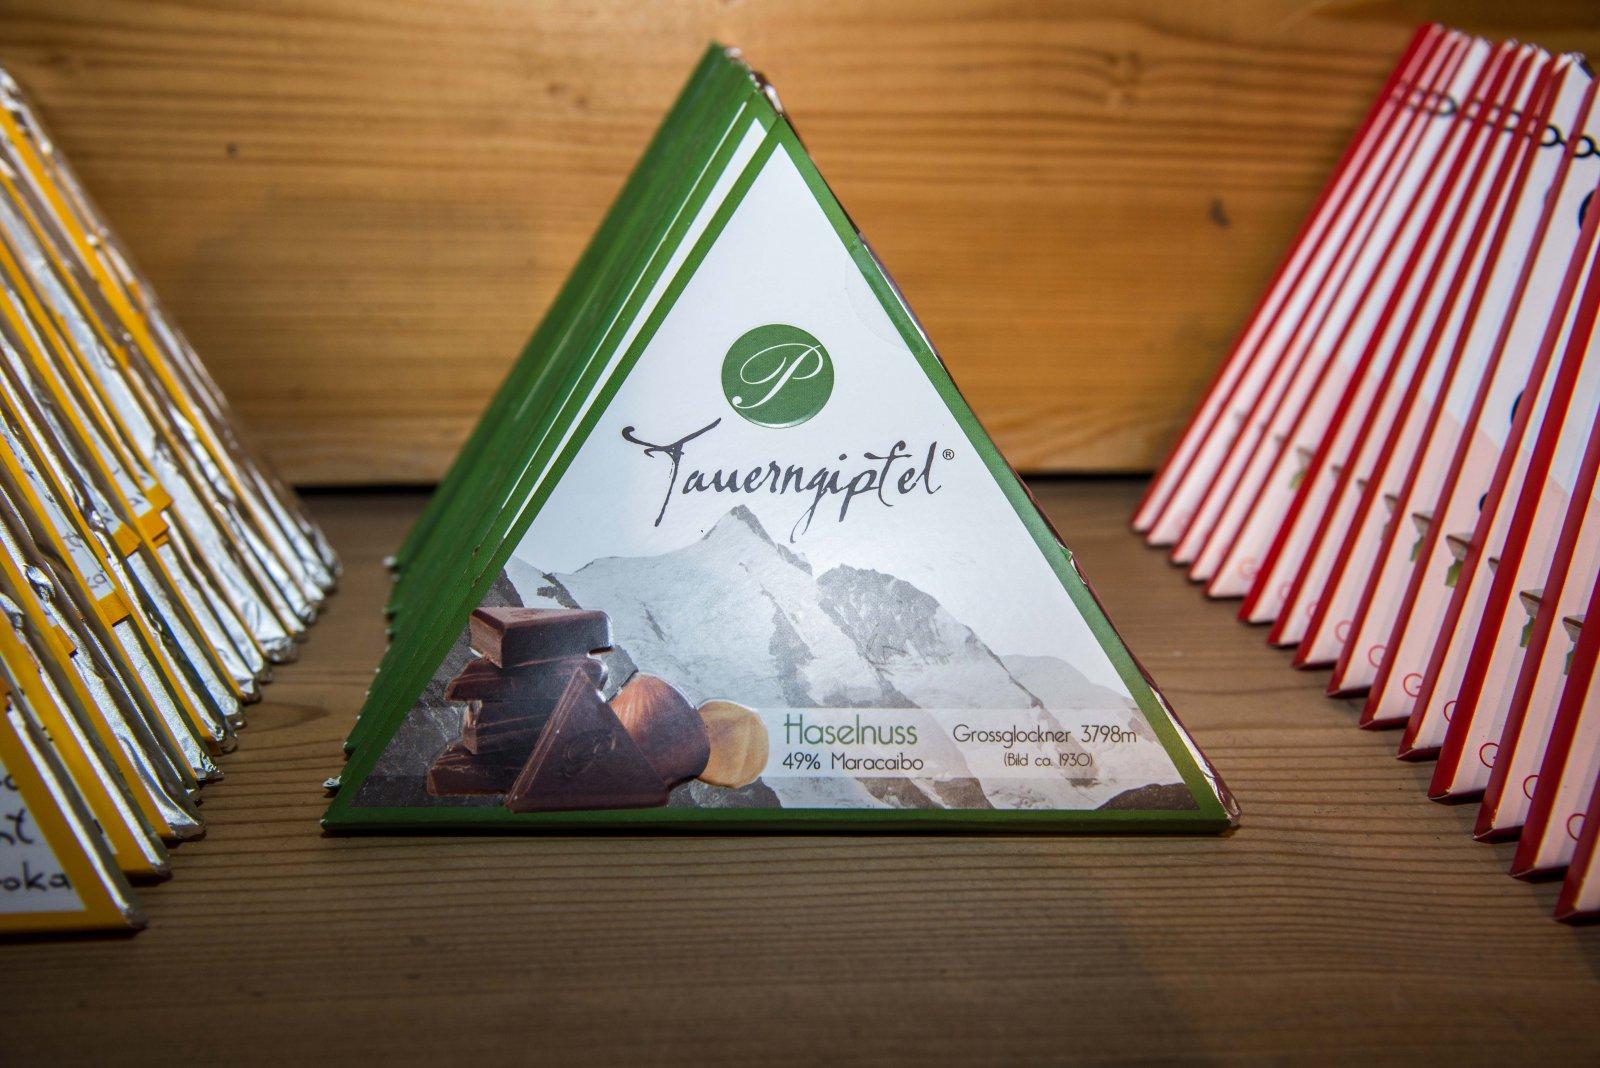 Der Grossglockner - die Lieblingssorte des Chocolatiers